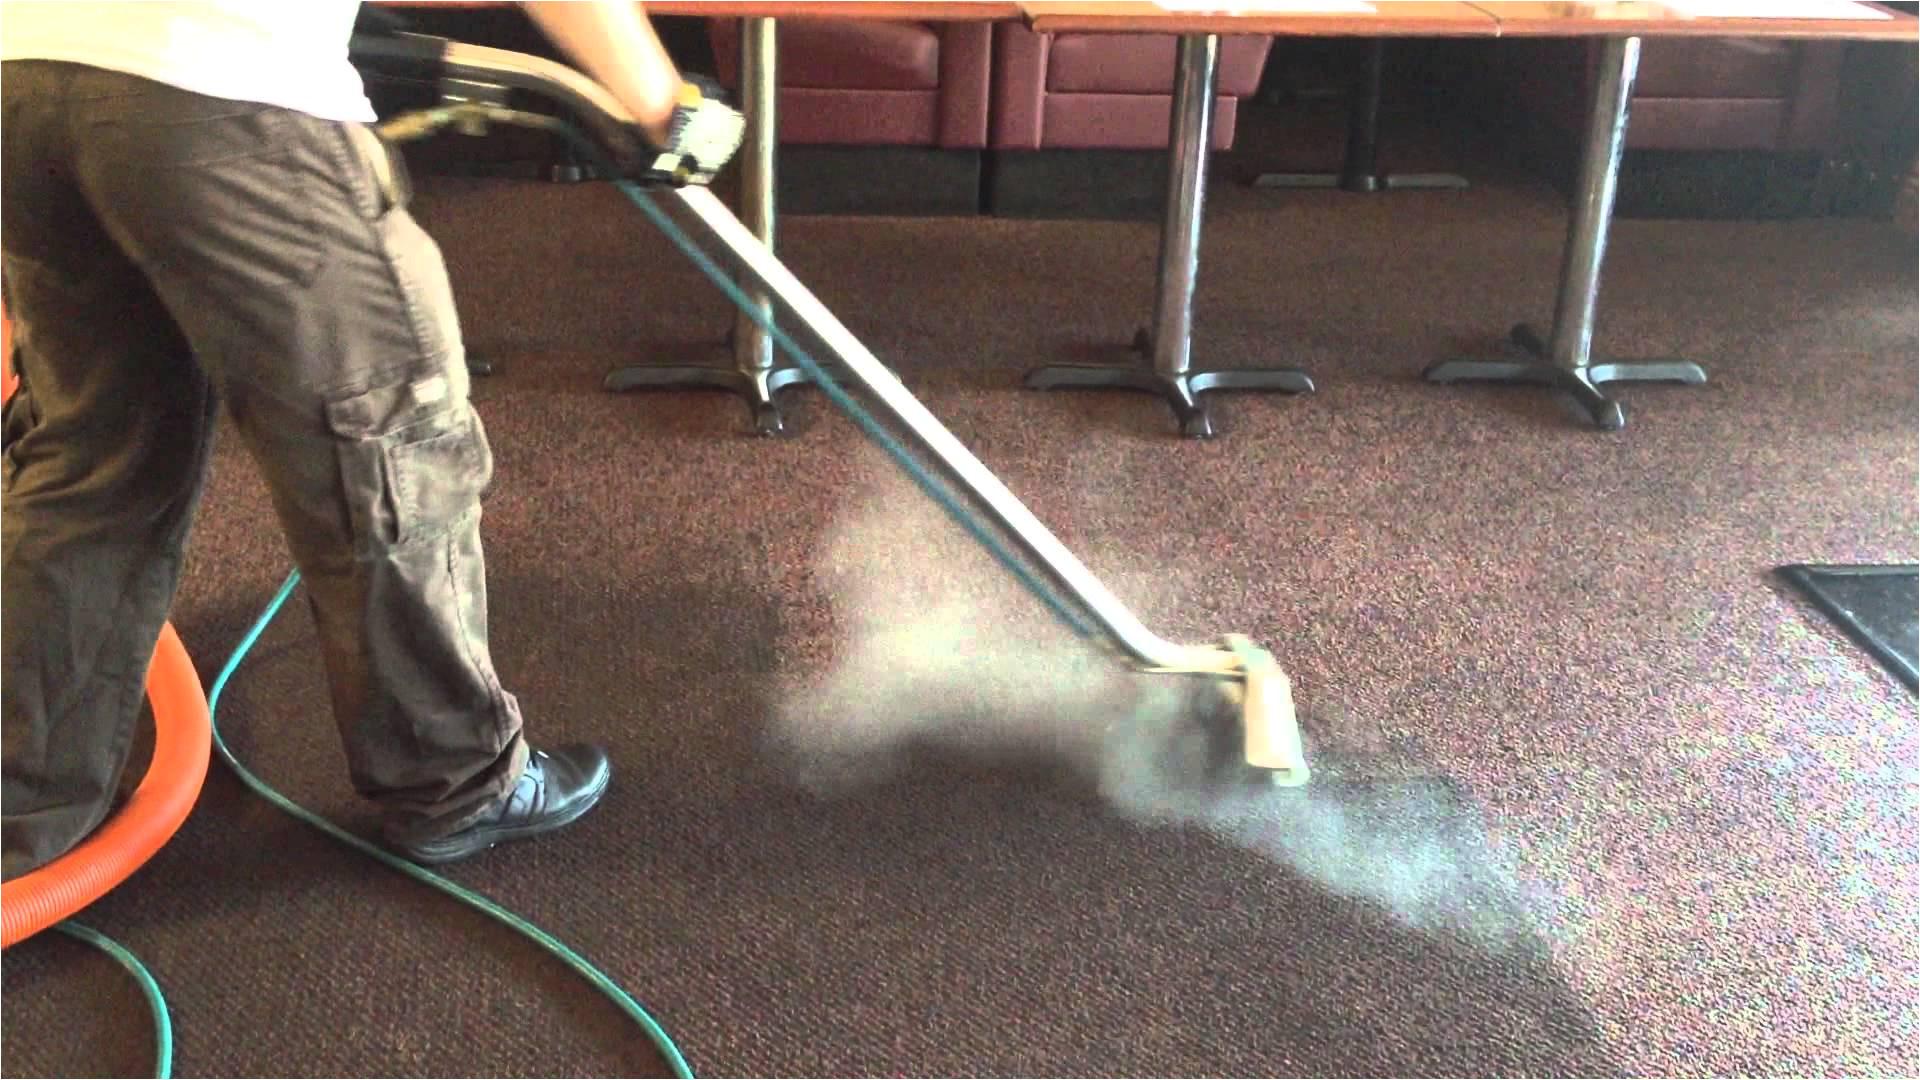 carpet cleaners stafford va lovely steamline best mercial carpet cleaning pany fredericksburg va of carpet cleaners stafford va jpg